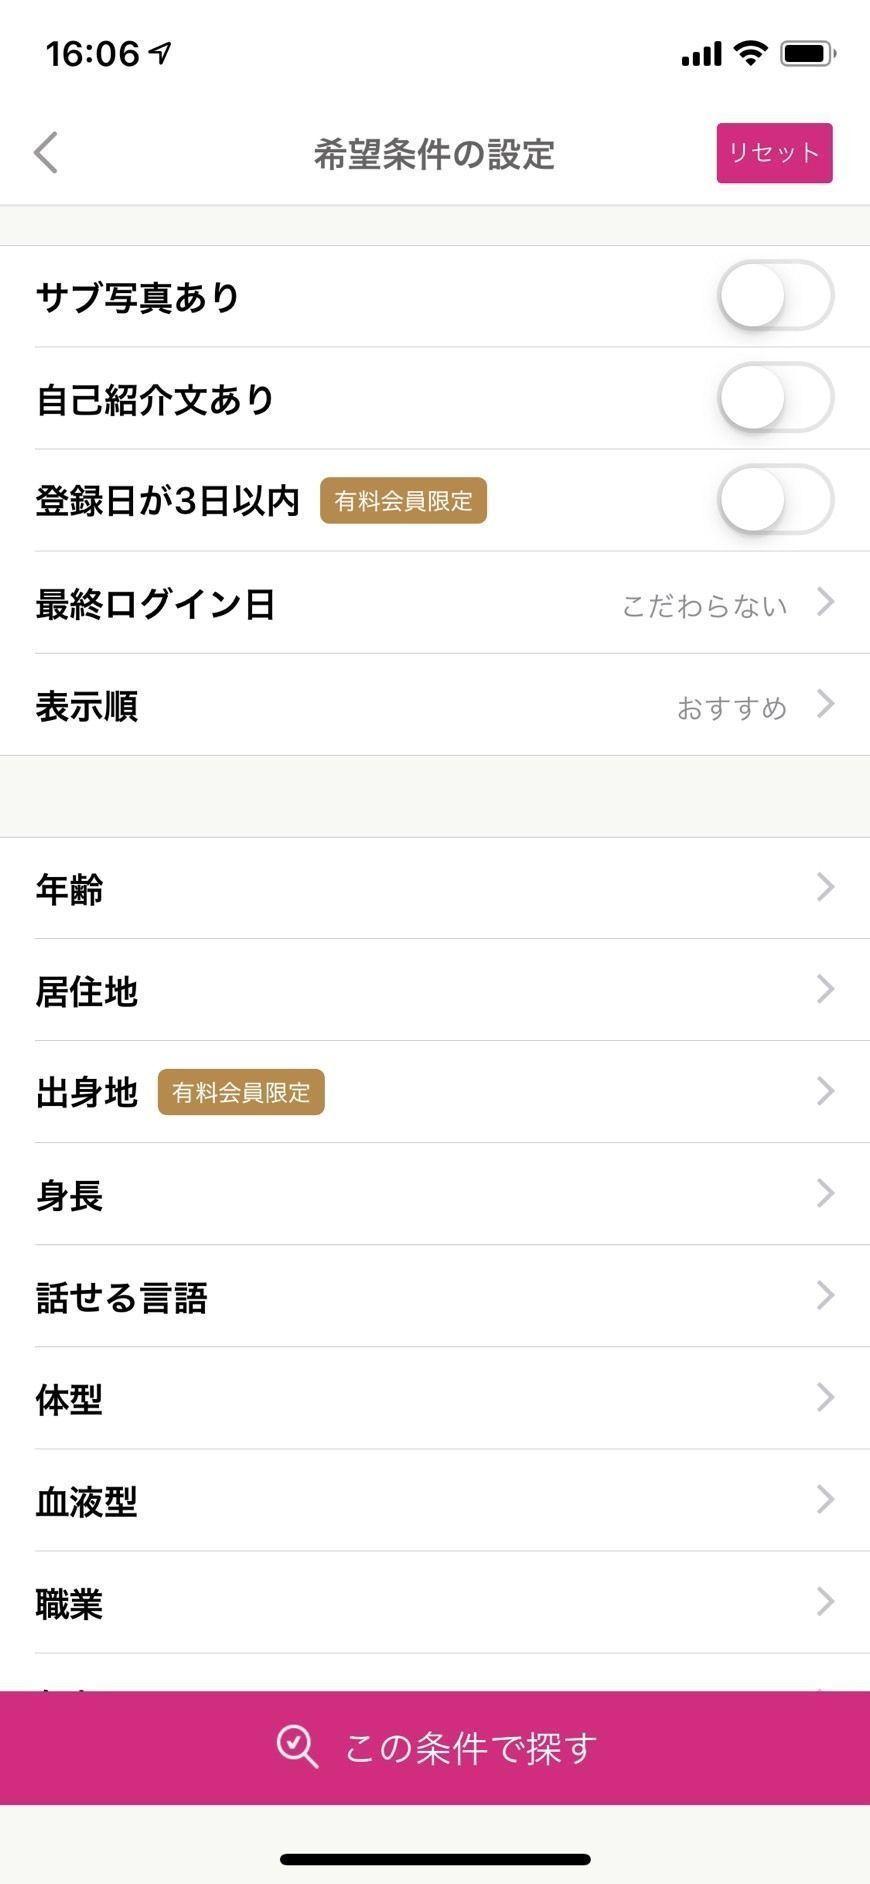 ゼクシィ恋結び 3. 検索機能の充実化